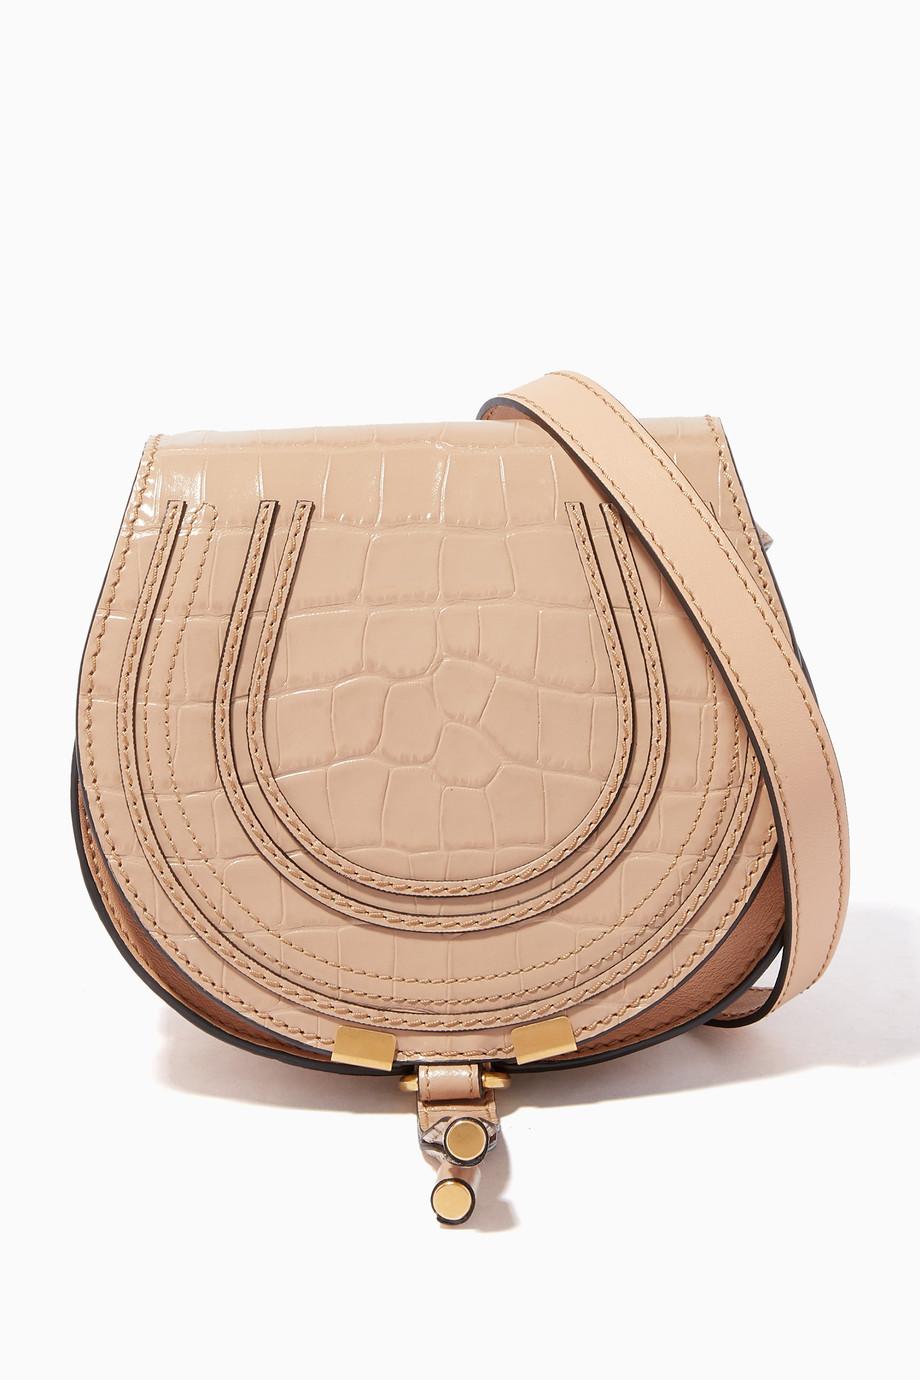 98f4811878a2b تسوق حقيبة سادل مارسي بيج كلوي لون طبيعى للنساء